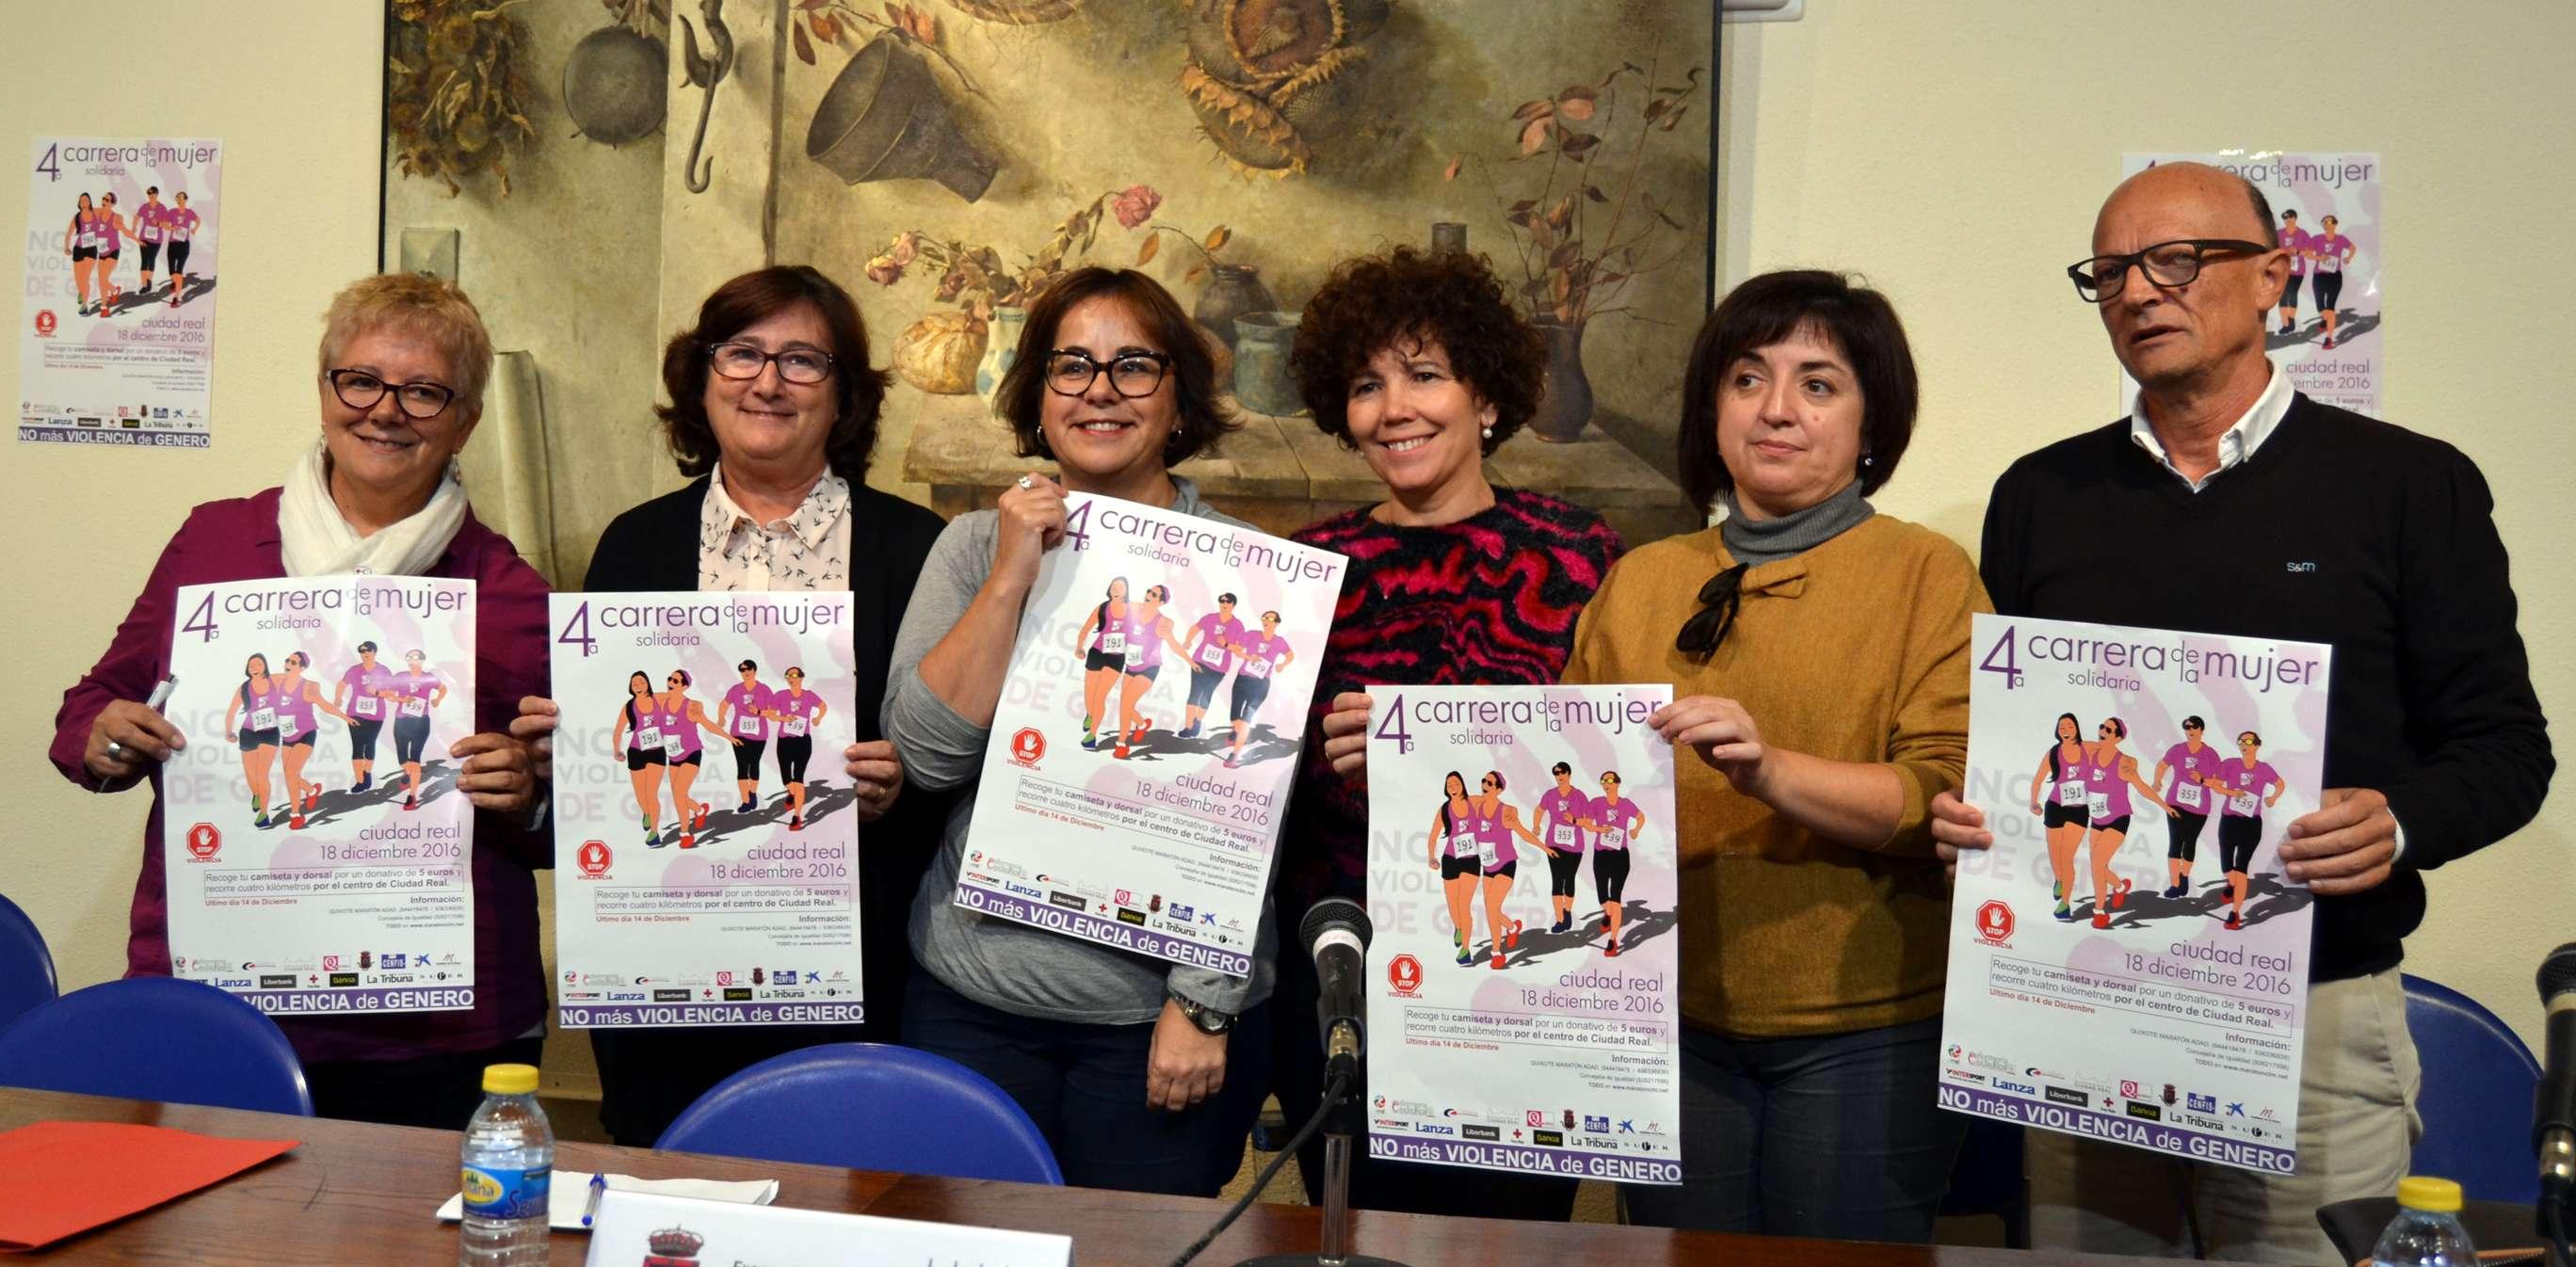 da63e927607 La 4ª Carrera de la Mujer Solidaria de Ciudad Real, este año contra la  violencia